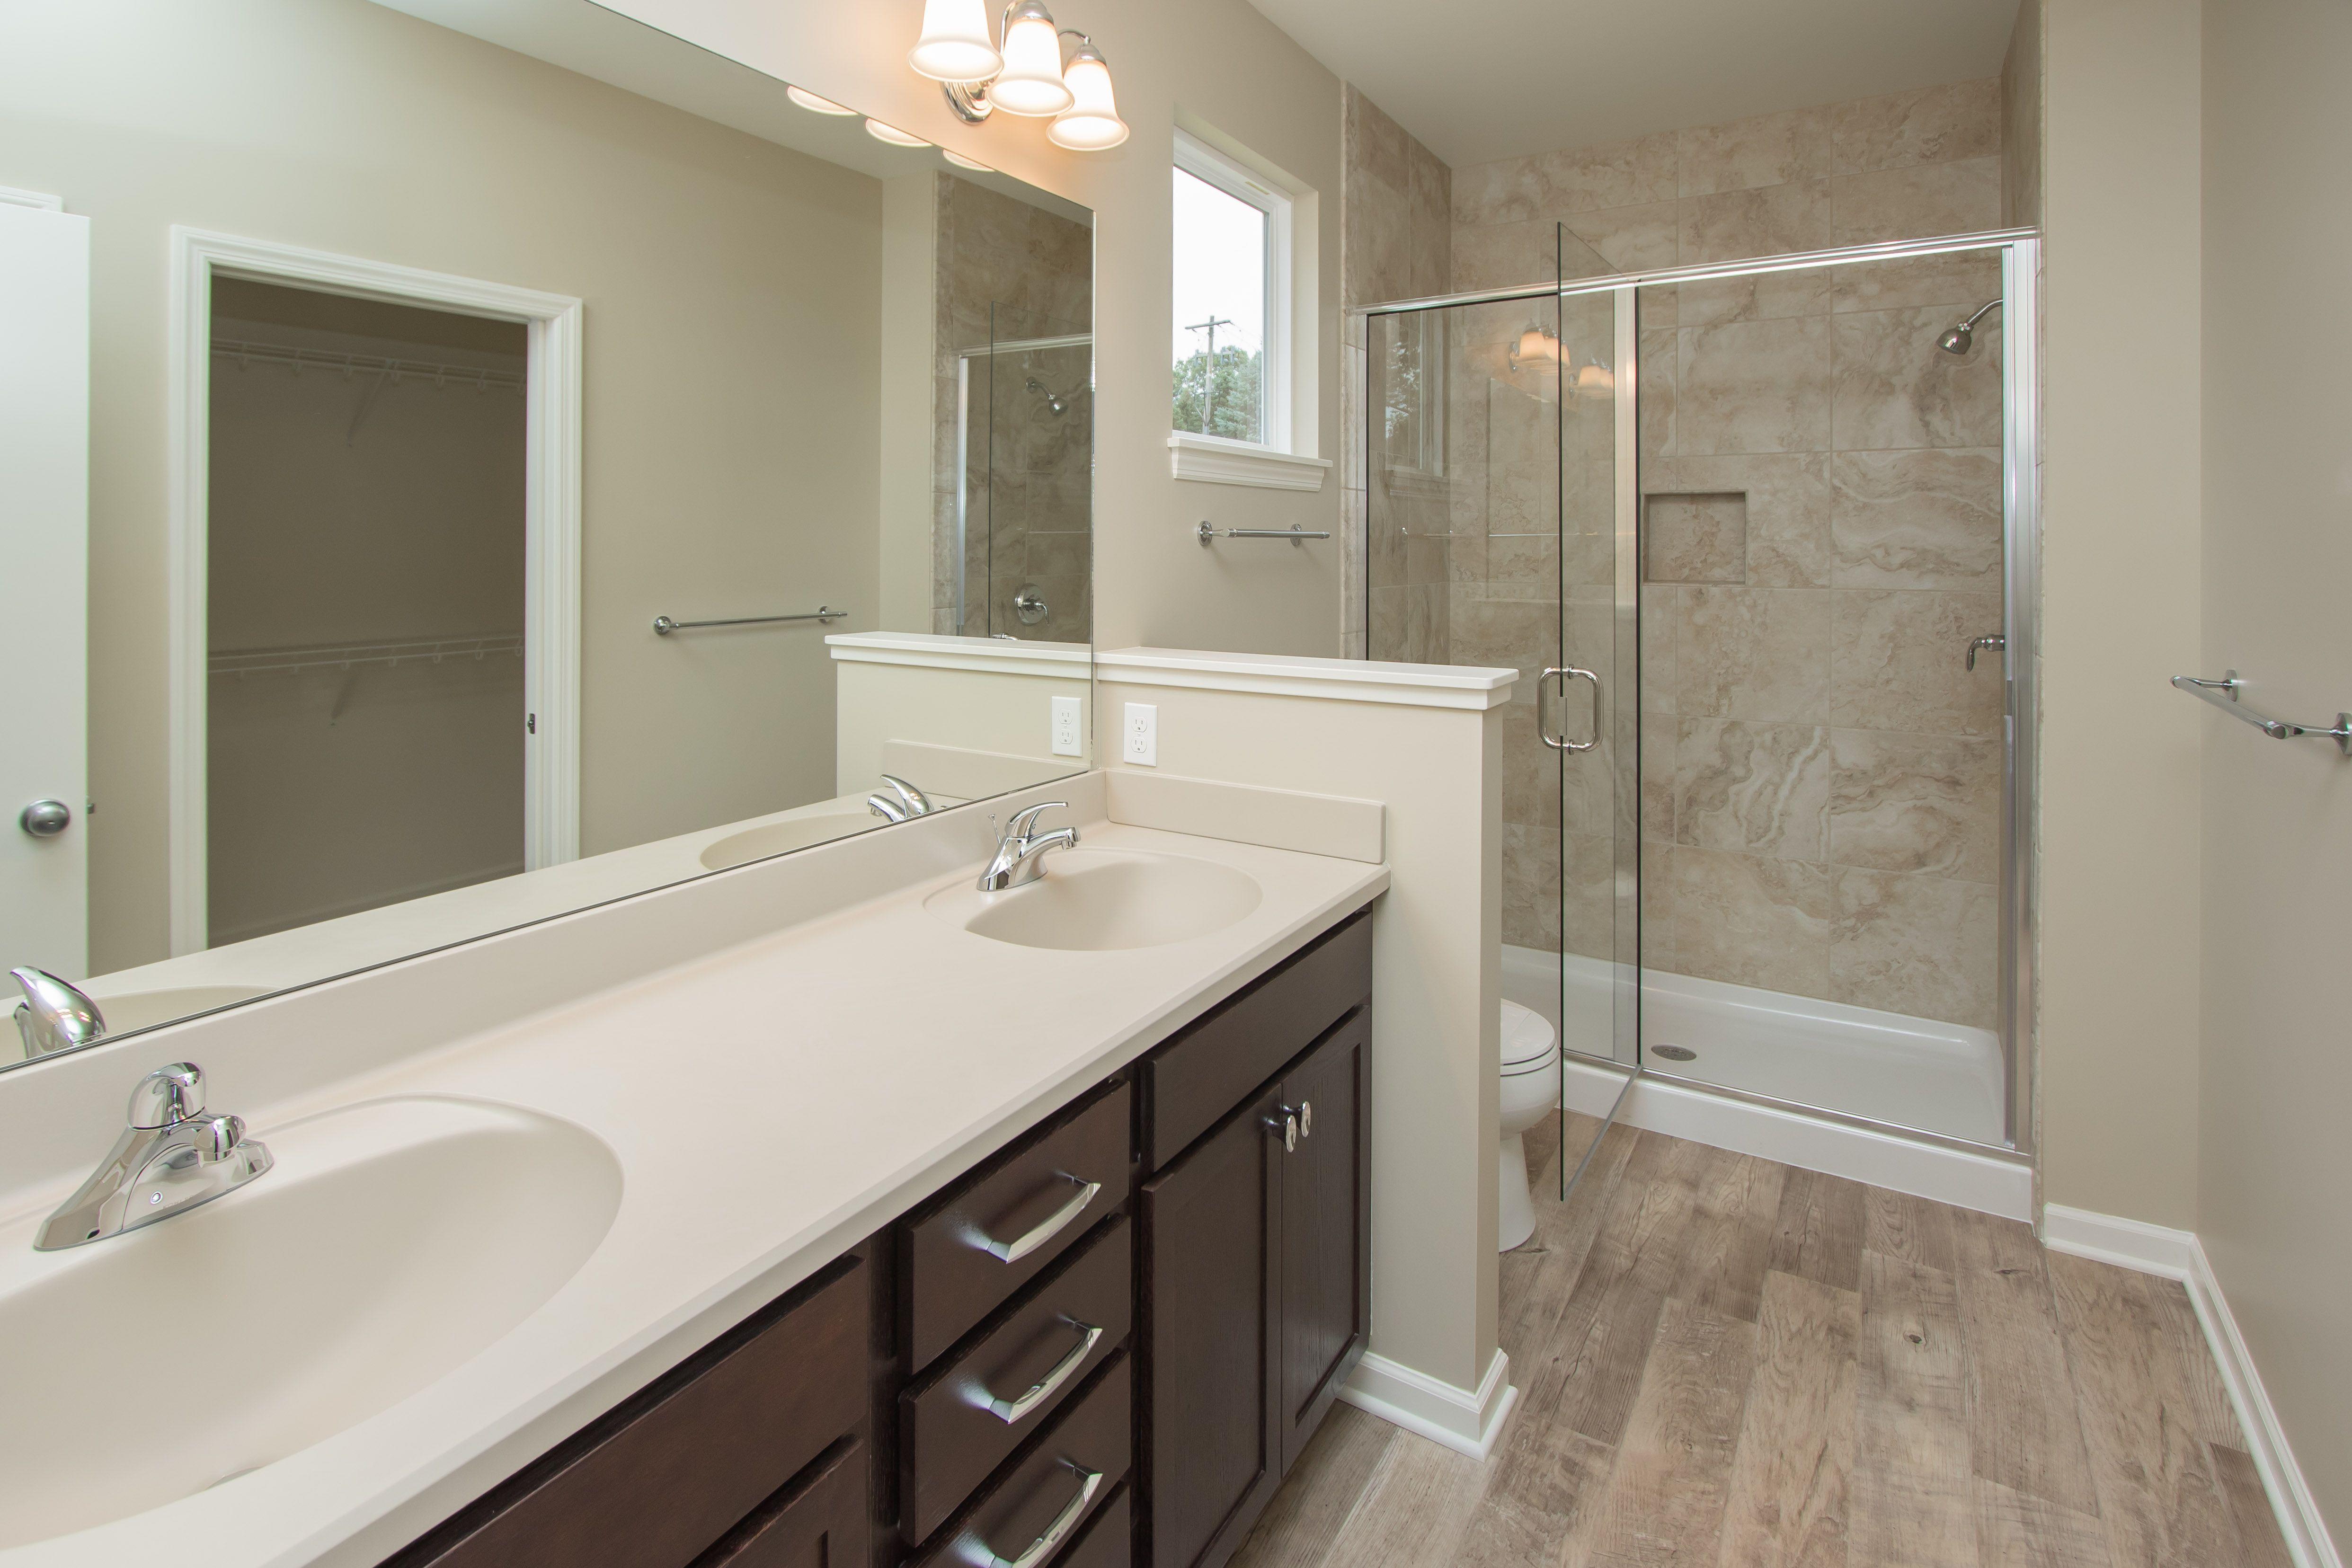 Master bathroom features luxury vinyl tile (LVT) floors